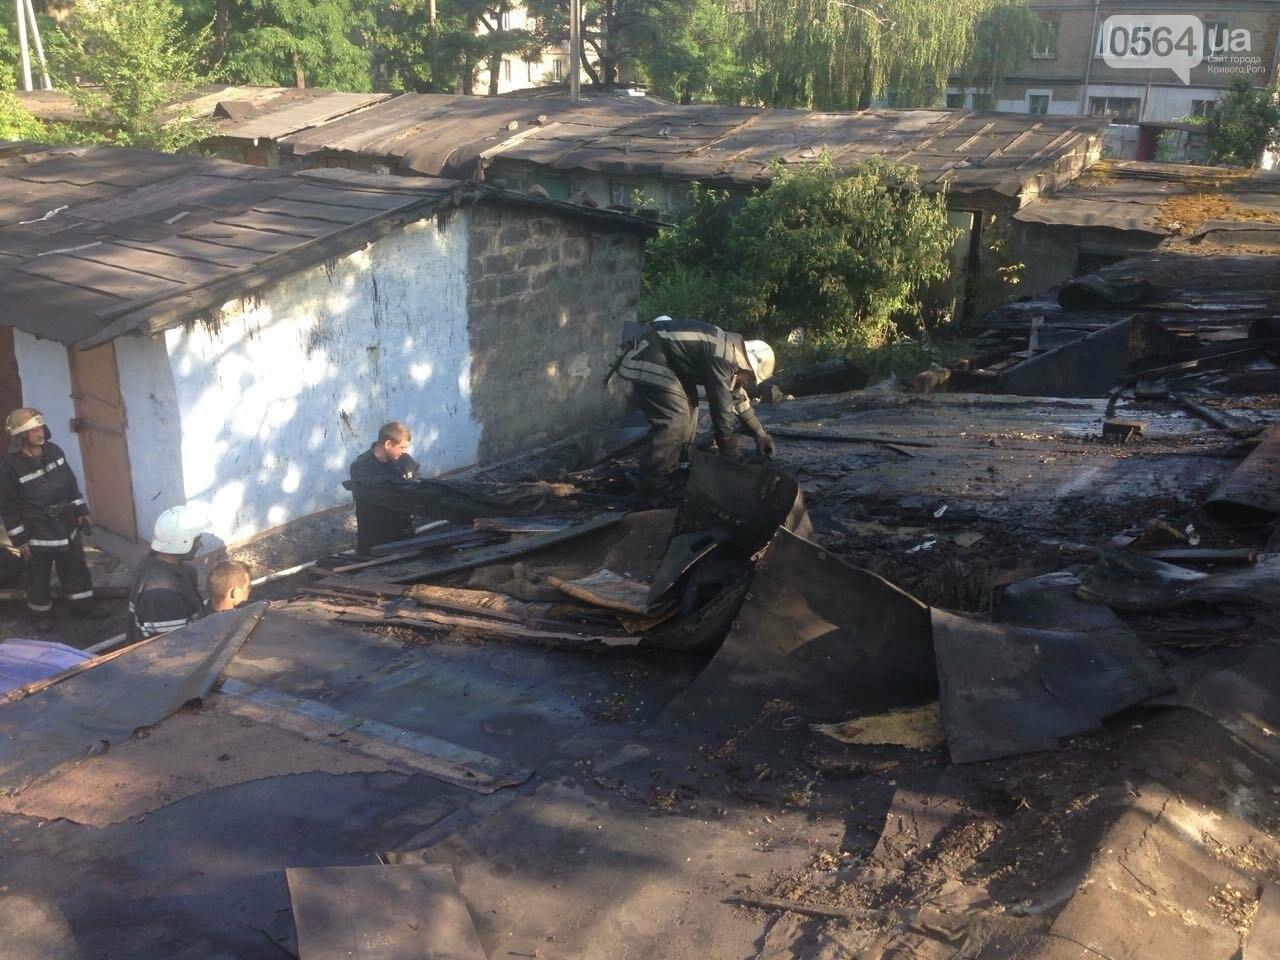 Возле одного из жилых домов в Кривом Роге вспыхнули подсобные помещения, - ФОТО, фото-4